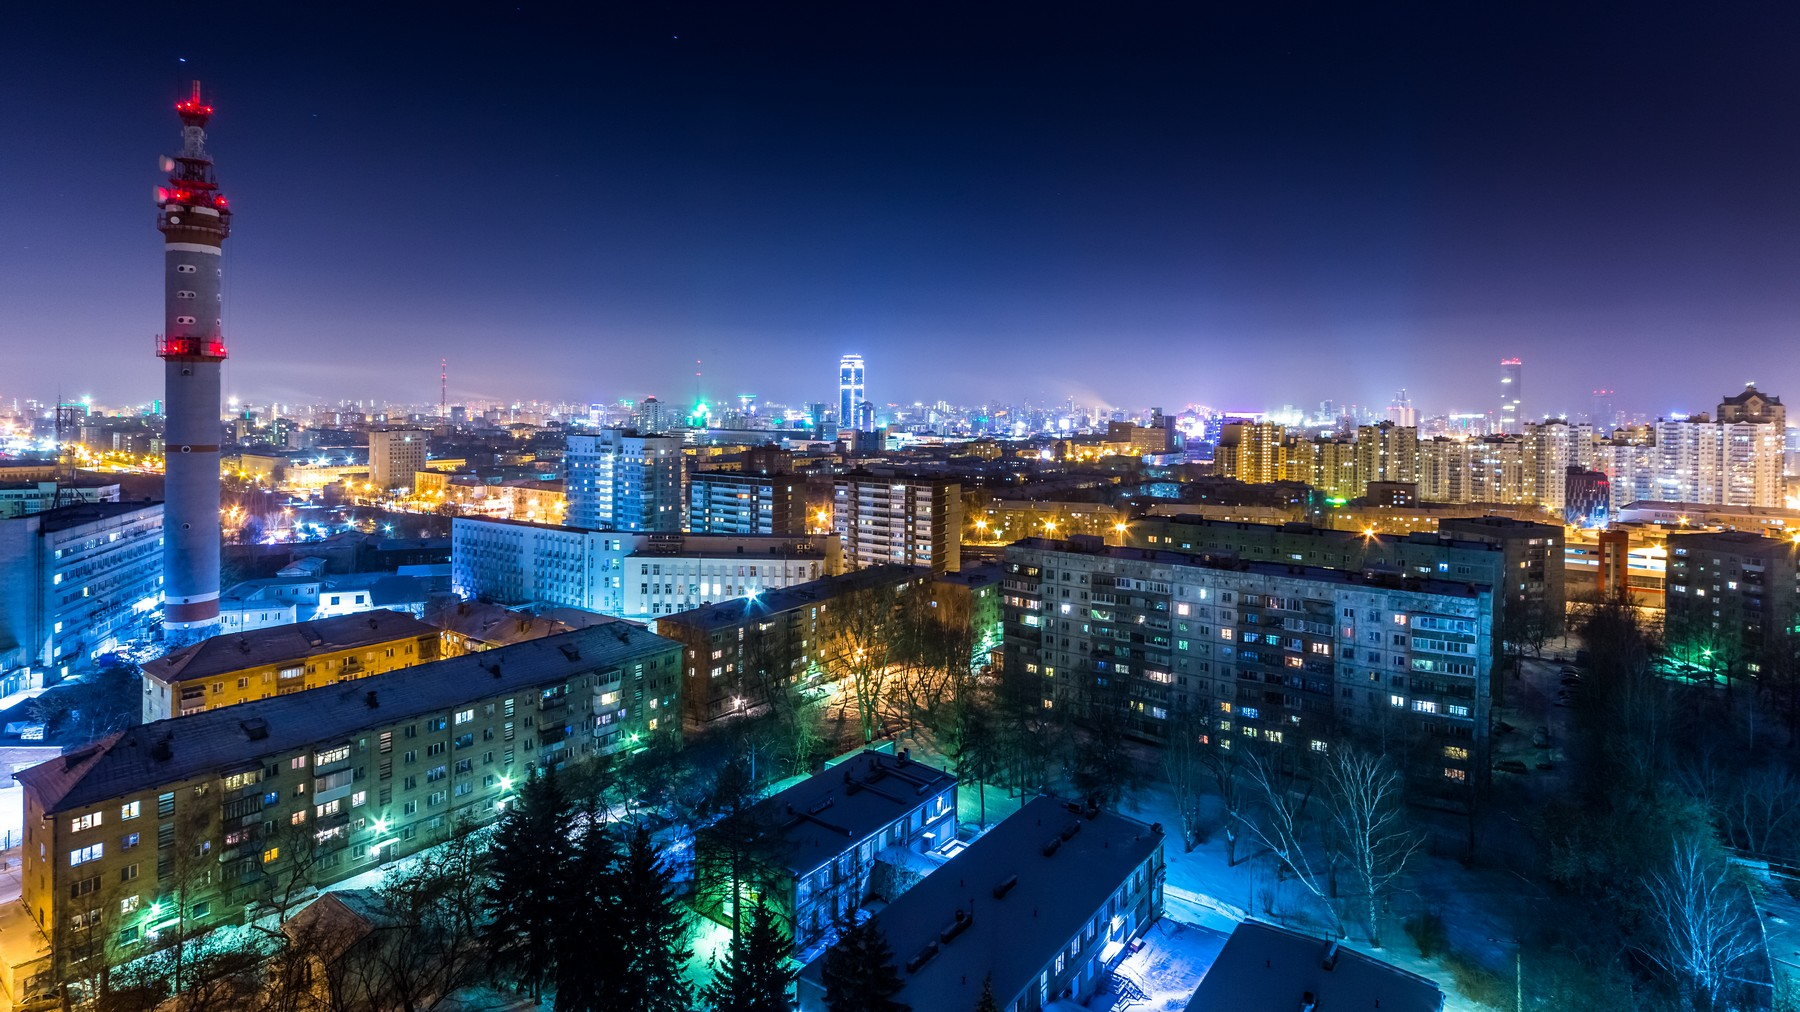 ночные зимние фото екатеринбурга работать будут